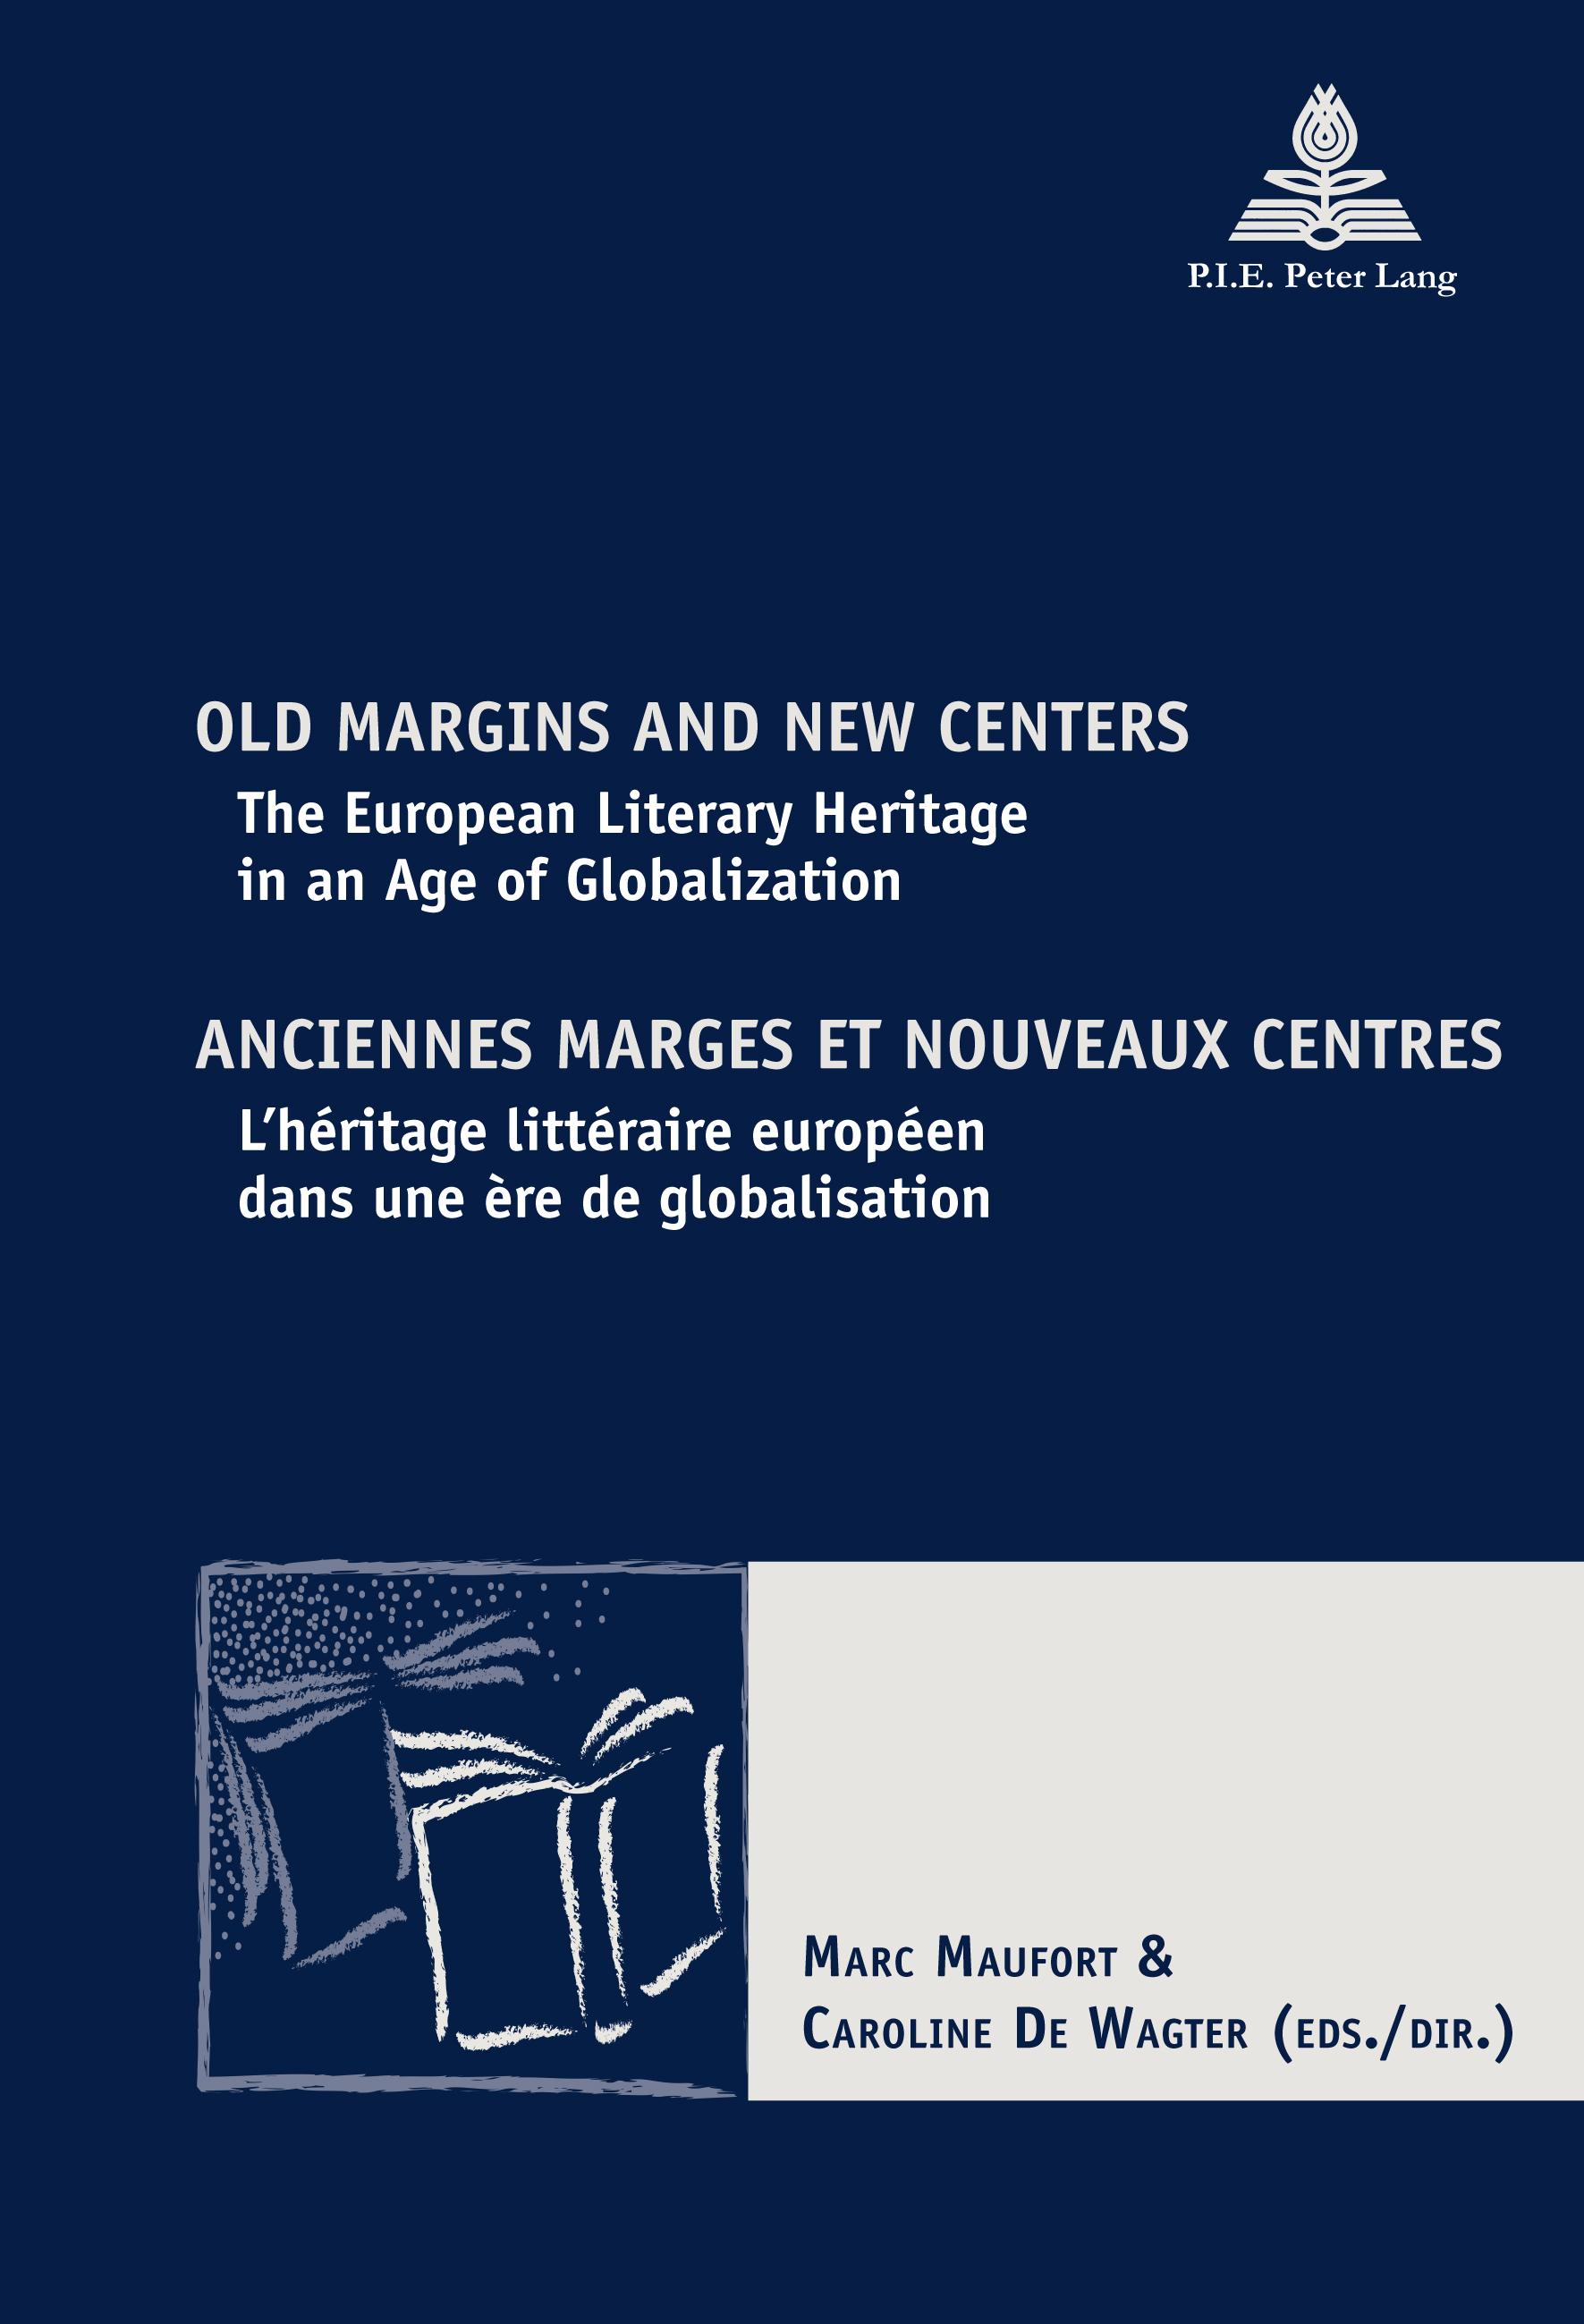 OLD MARGINS AND NEW CENTERS/ANCIENNES MARGES ET NOUVEAUX CENTRES